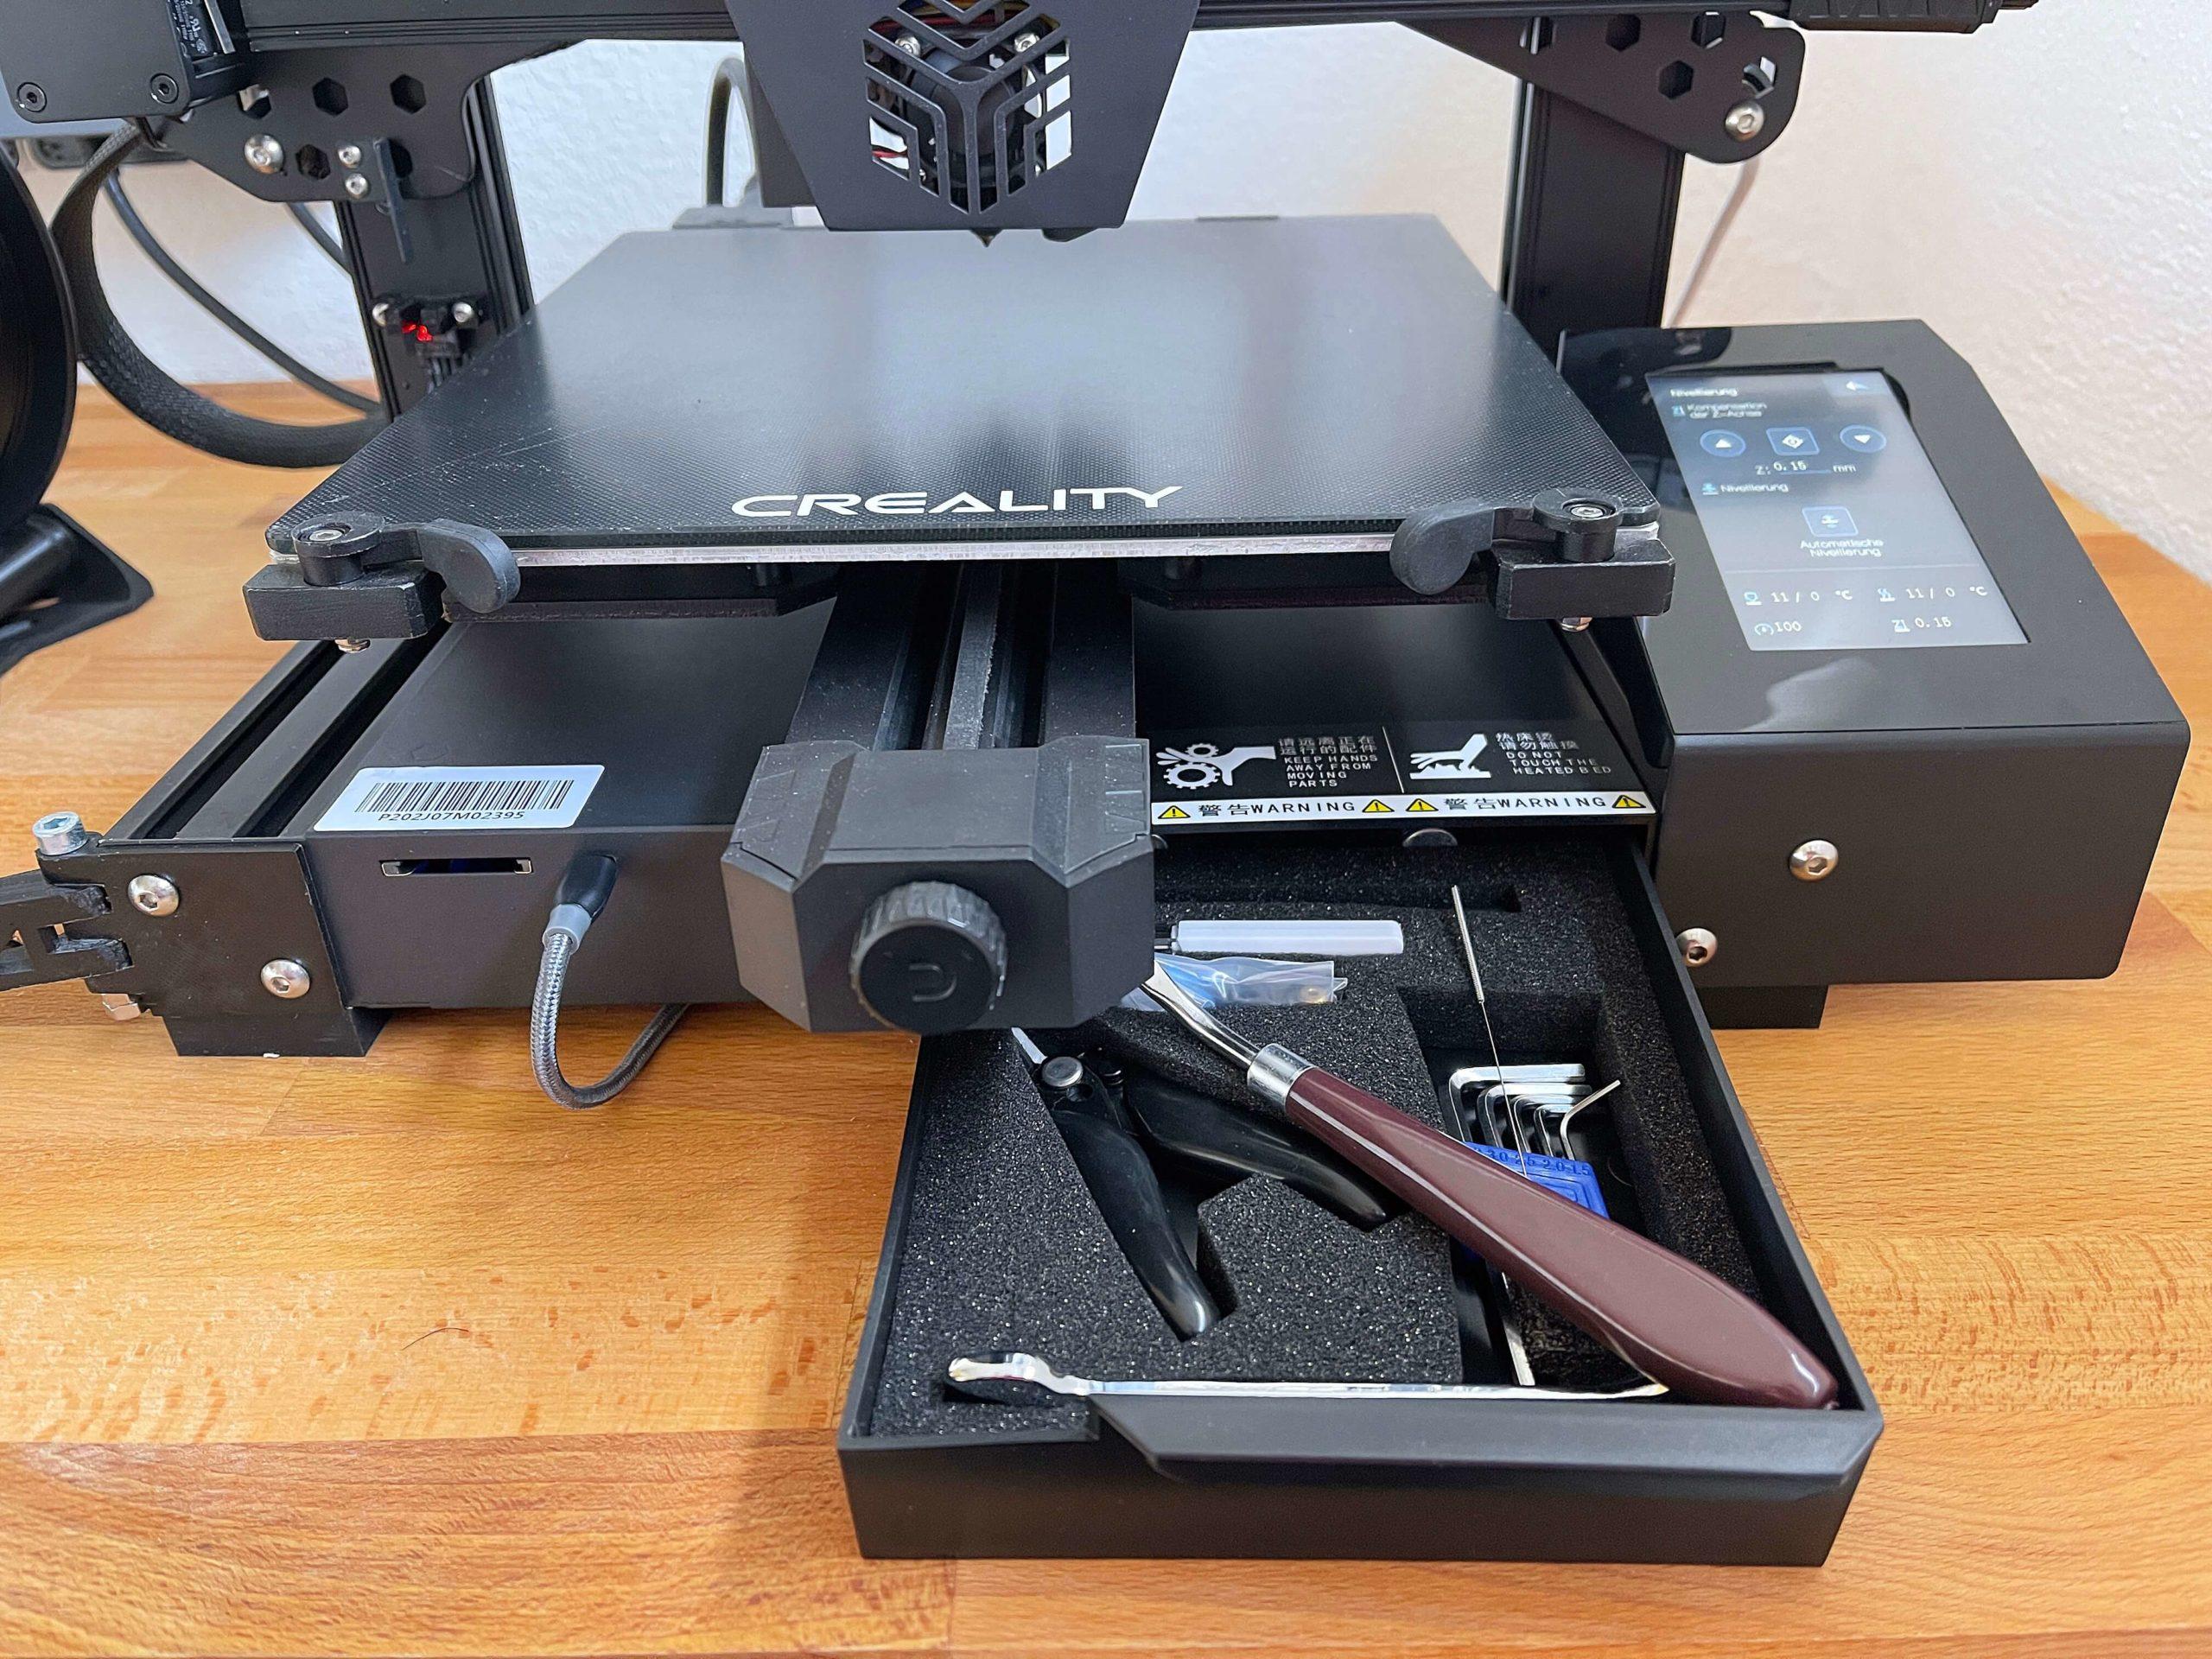 CR-6-SE-3D-Drucker-von-Creality-ideal-fuer-fortgeschrittene-Einsteiger6-scaled CR-6 SE 3D-Drucker von Creality - ideal für fortgeschrittene Einsteiger